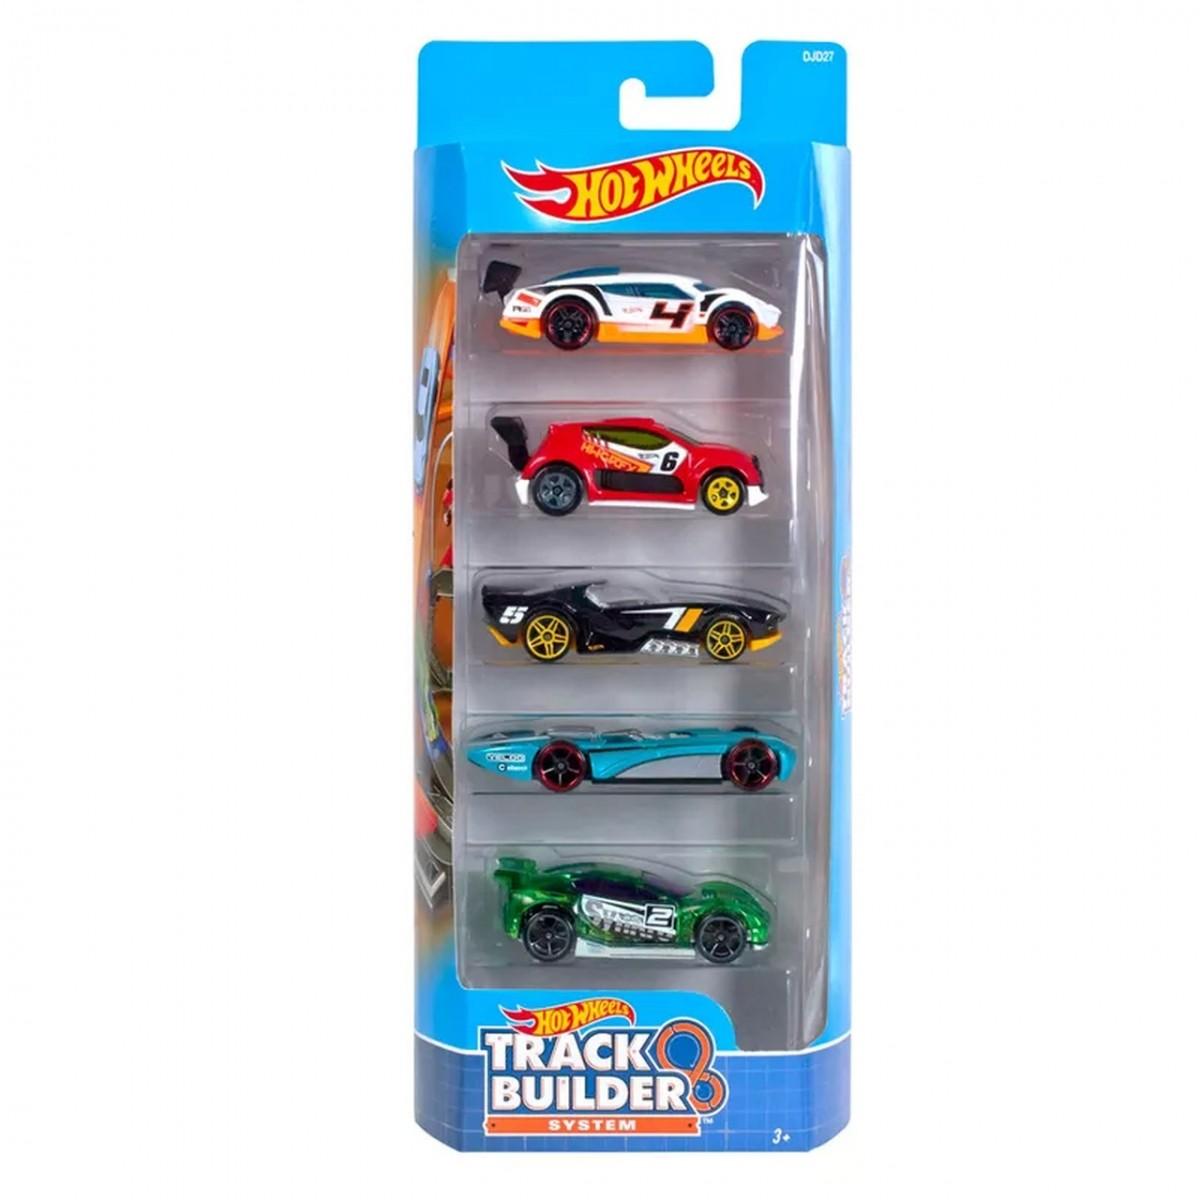 Carrinho Hot Wheels (Set com 5 Carros) Track Builder System (B)